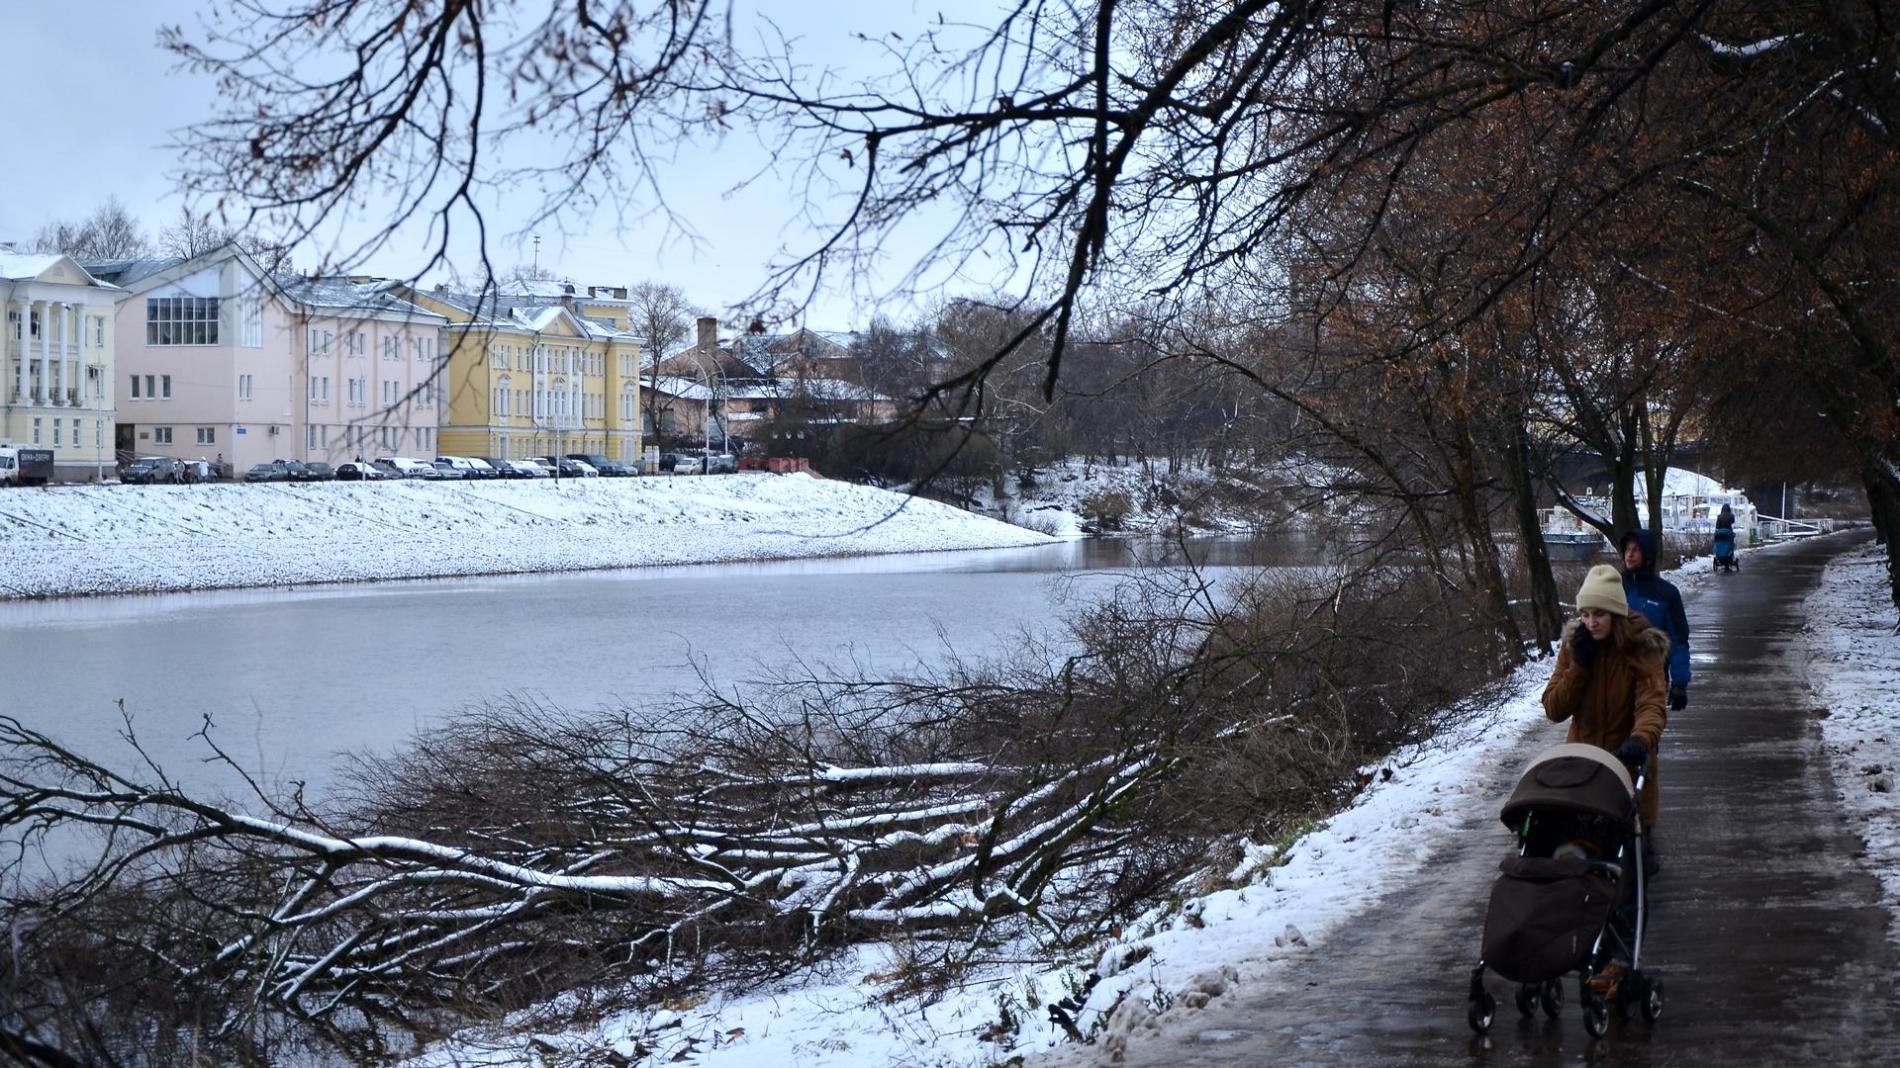 Вологда планирует получить финансирование в нескольких федеральных программах